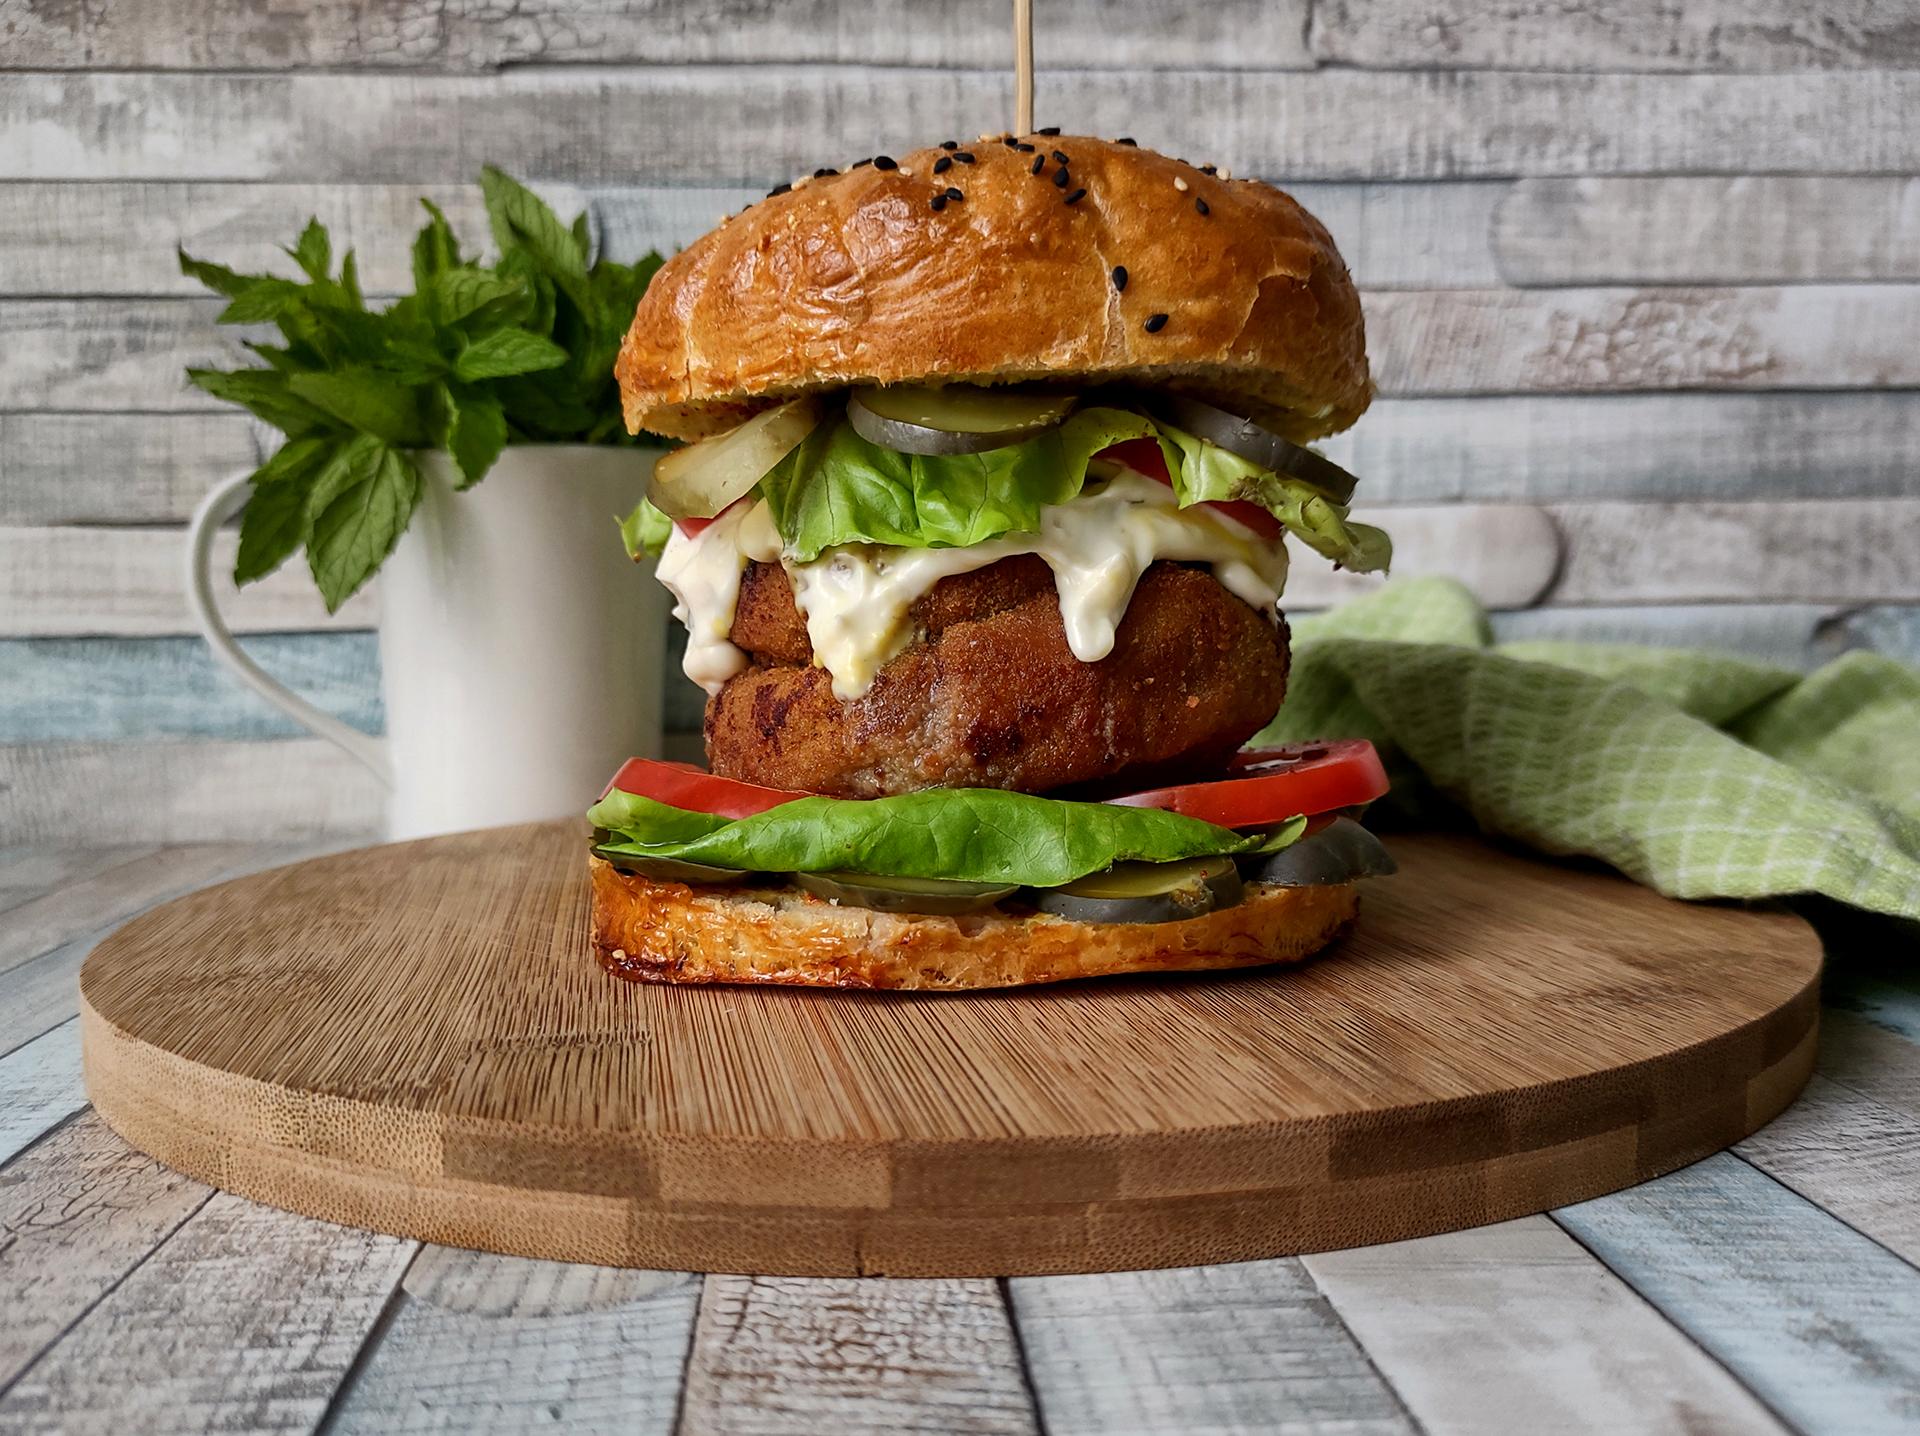 hamburger nadesce dokrojenia